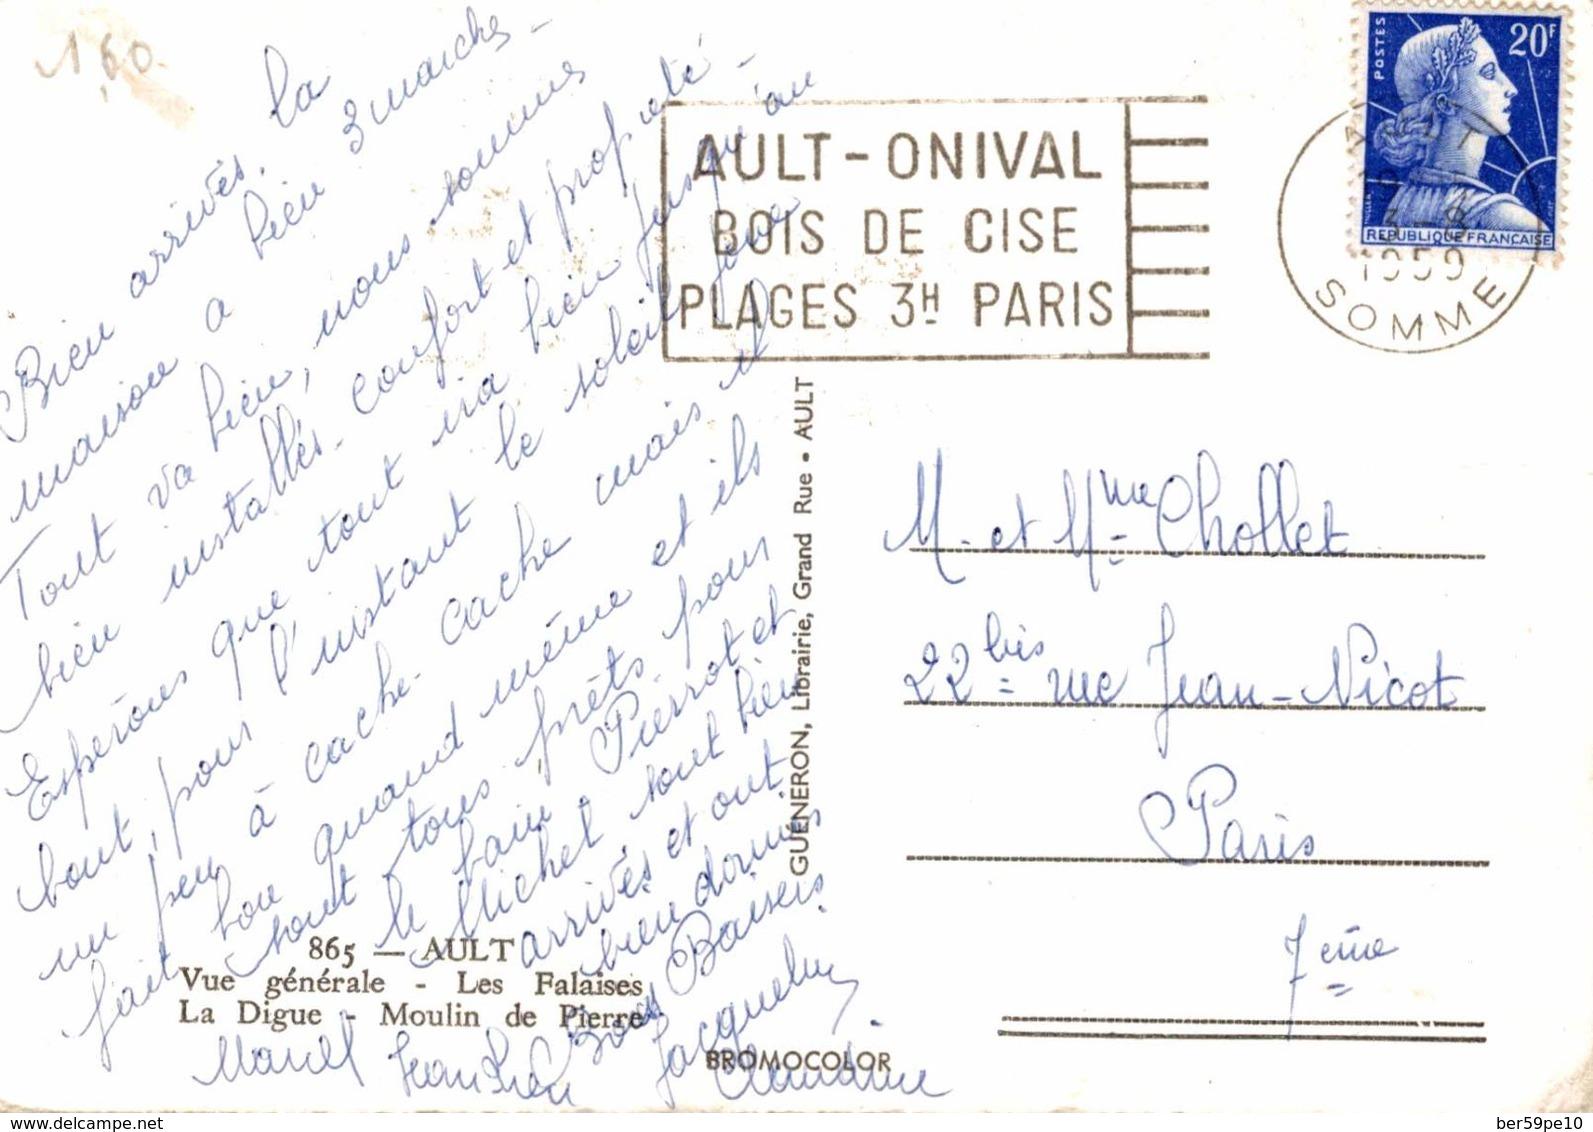 80 AULT MULTI-VUES - Ault